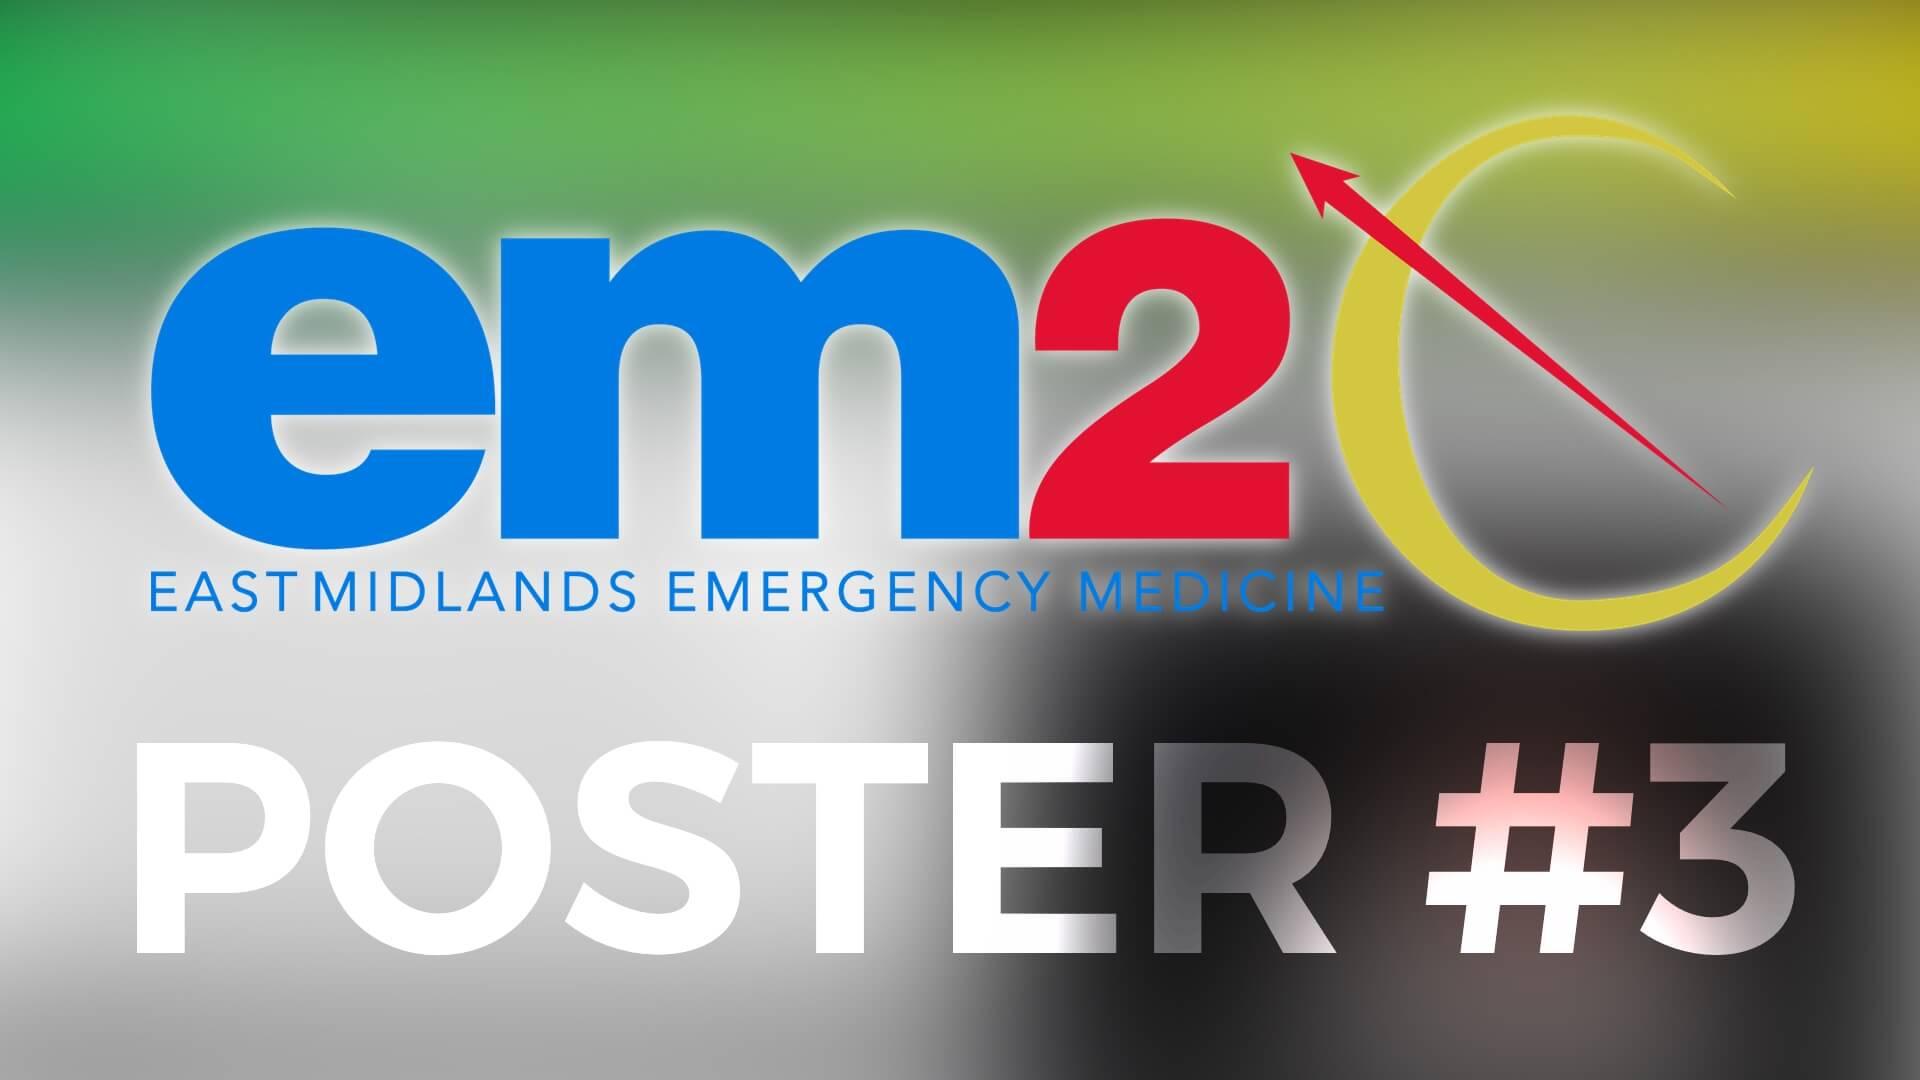 EM3: East Midlands Emergency Medicine Educational Media